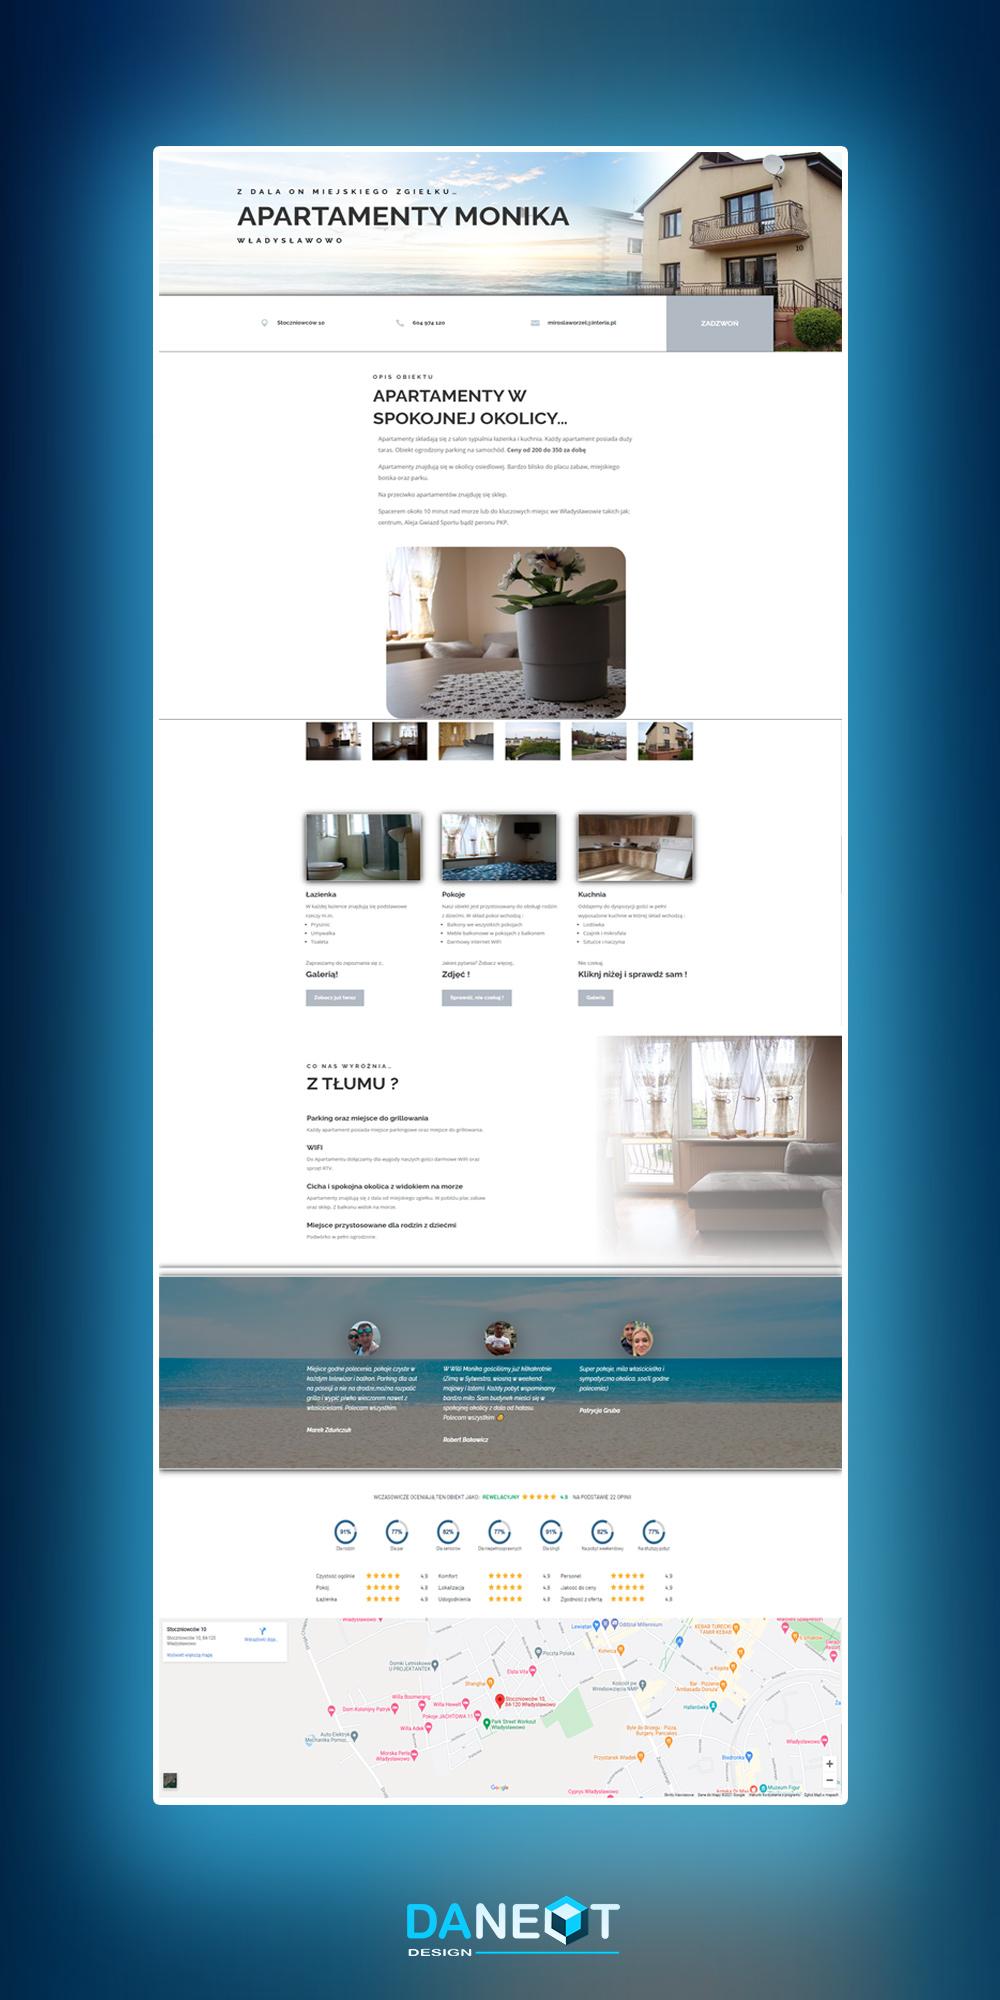 DANET - Realizacja strony internetowej